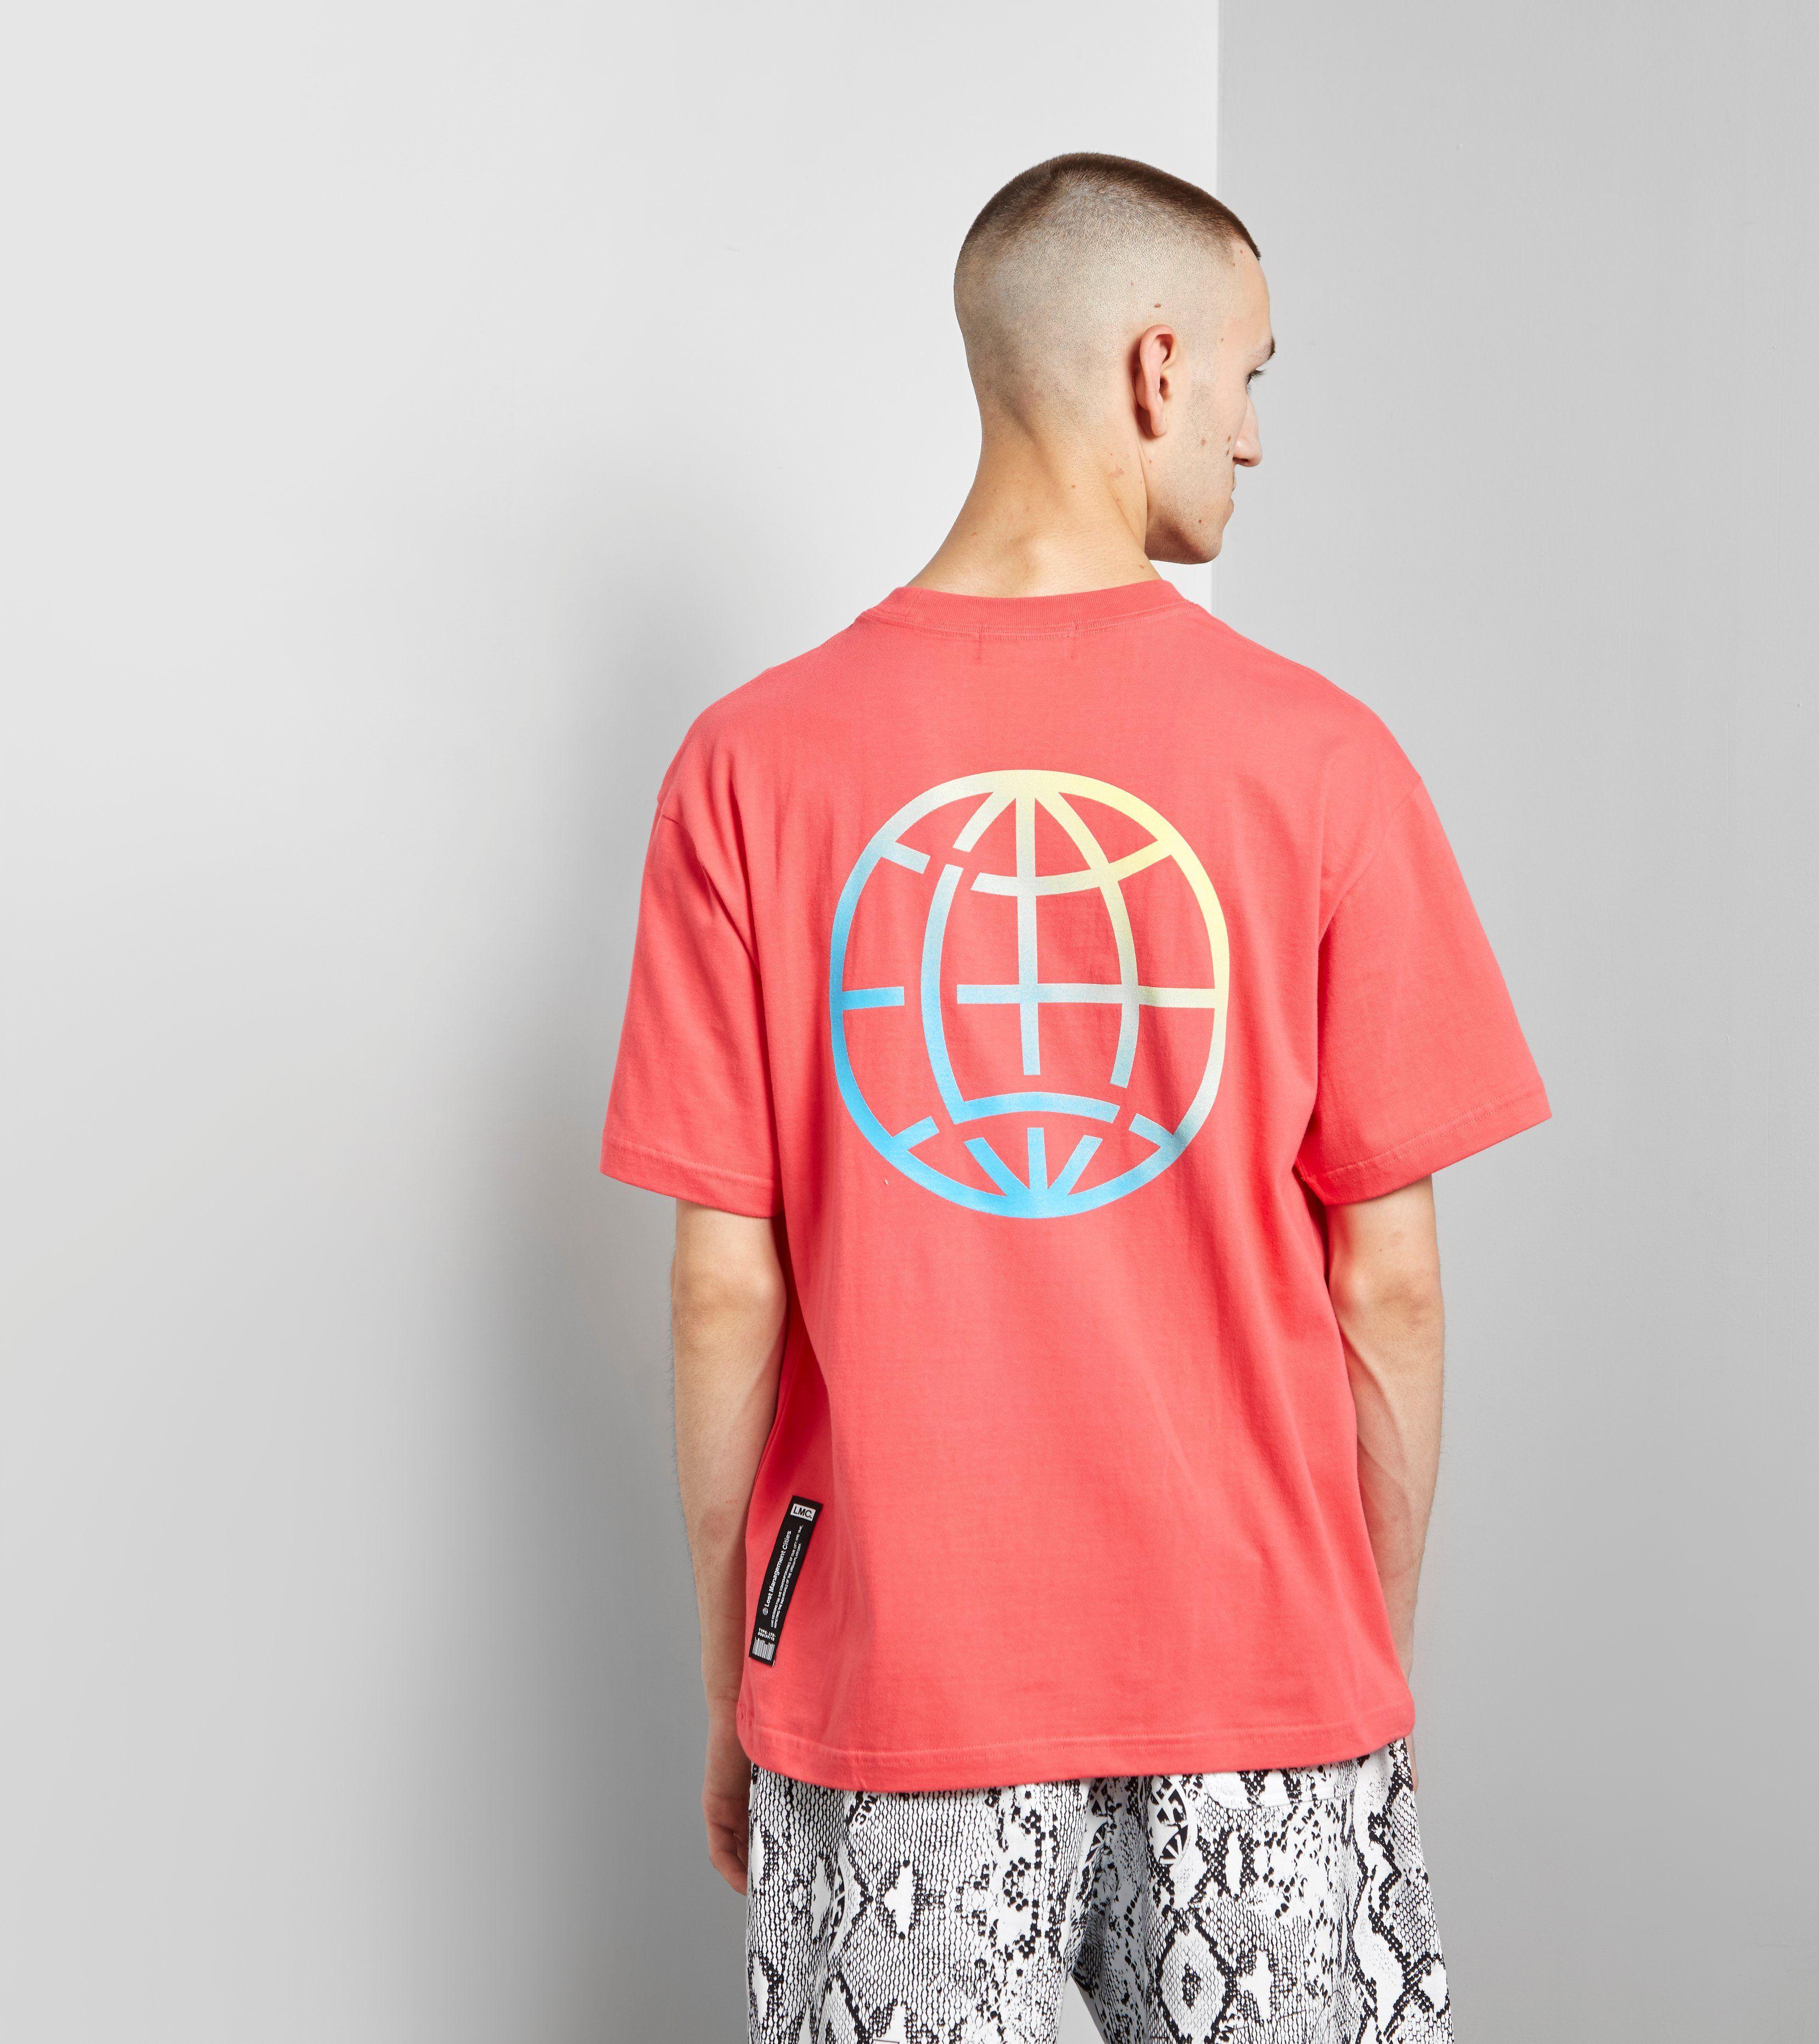 Lost Management Cities Grad Mix Logo T-Shirt